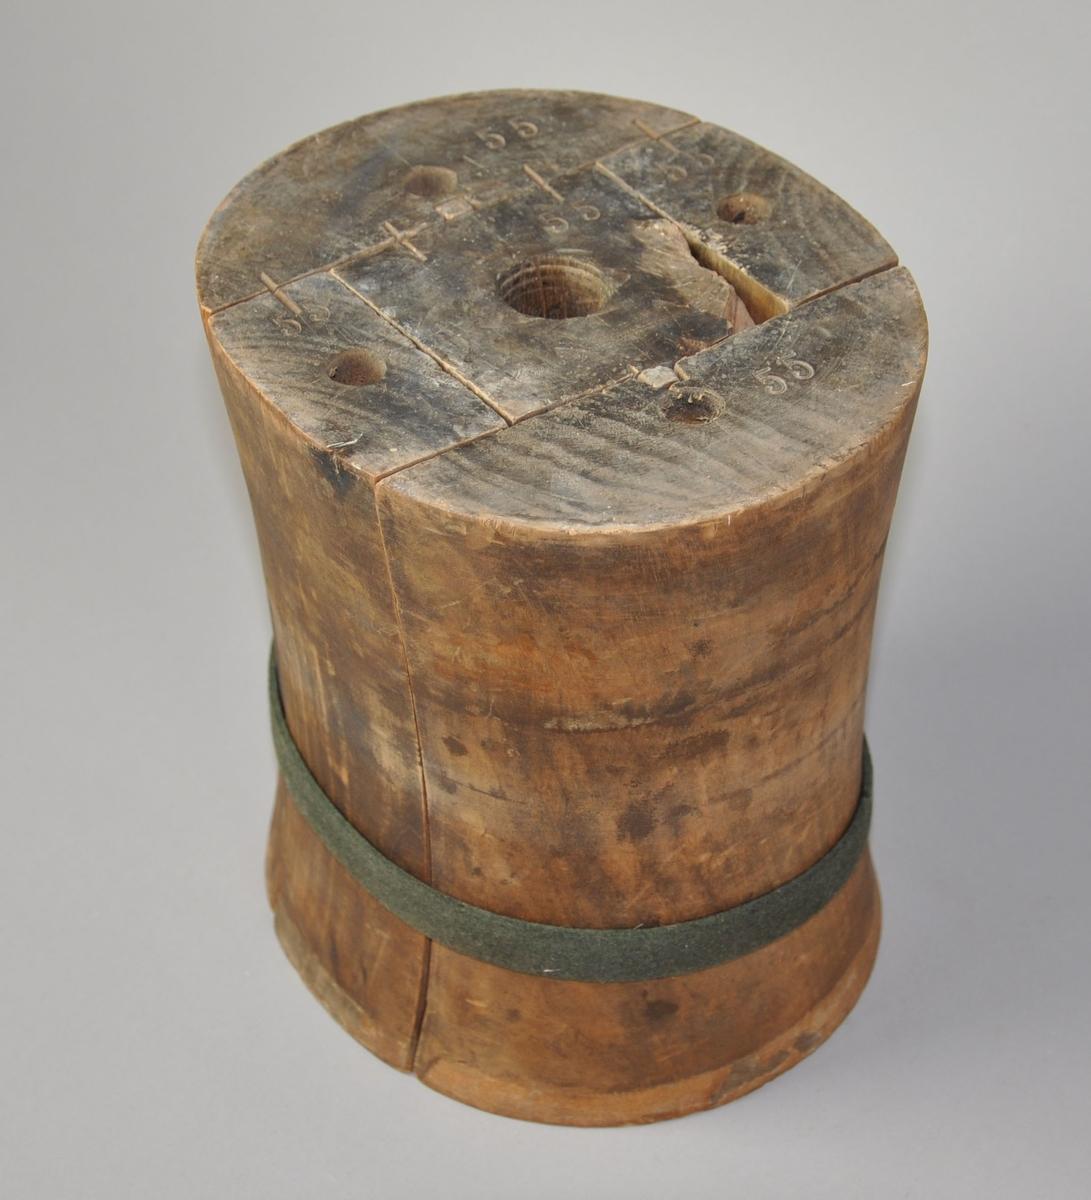 Sylinderformet hatteblokk hvor midtpartiet er innsnevret. Består av fem deler som holdes samlet av en tekstiltråd. På undersiden av formen er det hull for skruefeste på alle tredelene.